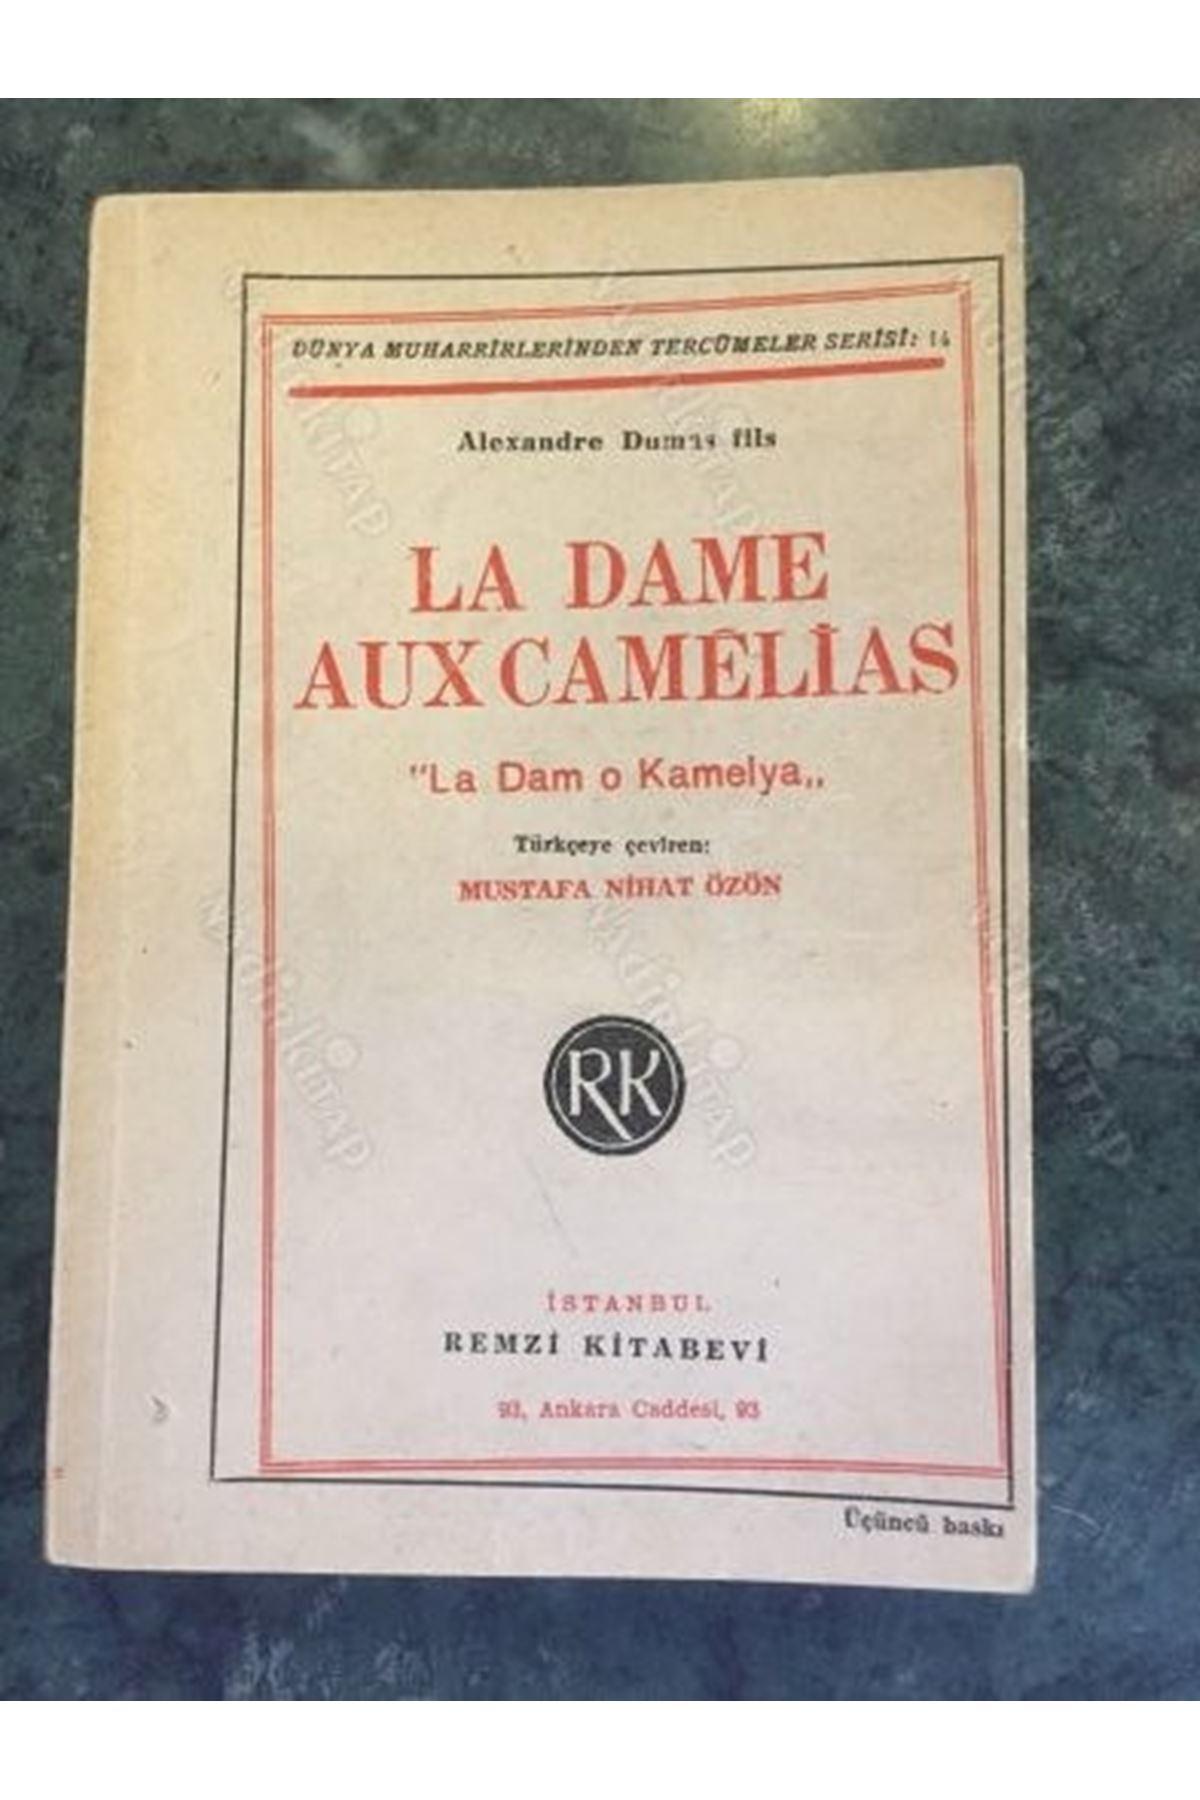 ALEXANDRE DUMAS FILS - LA DAME AUX CAMELIAS